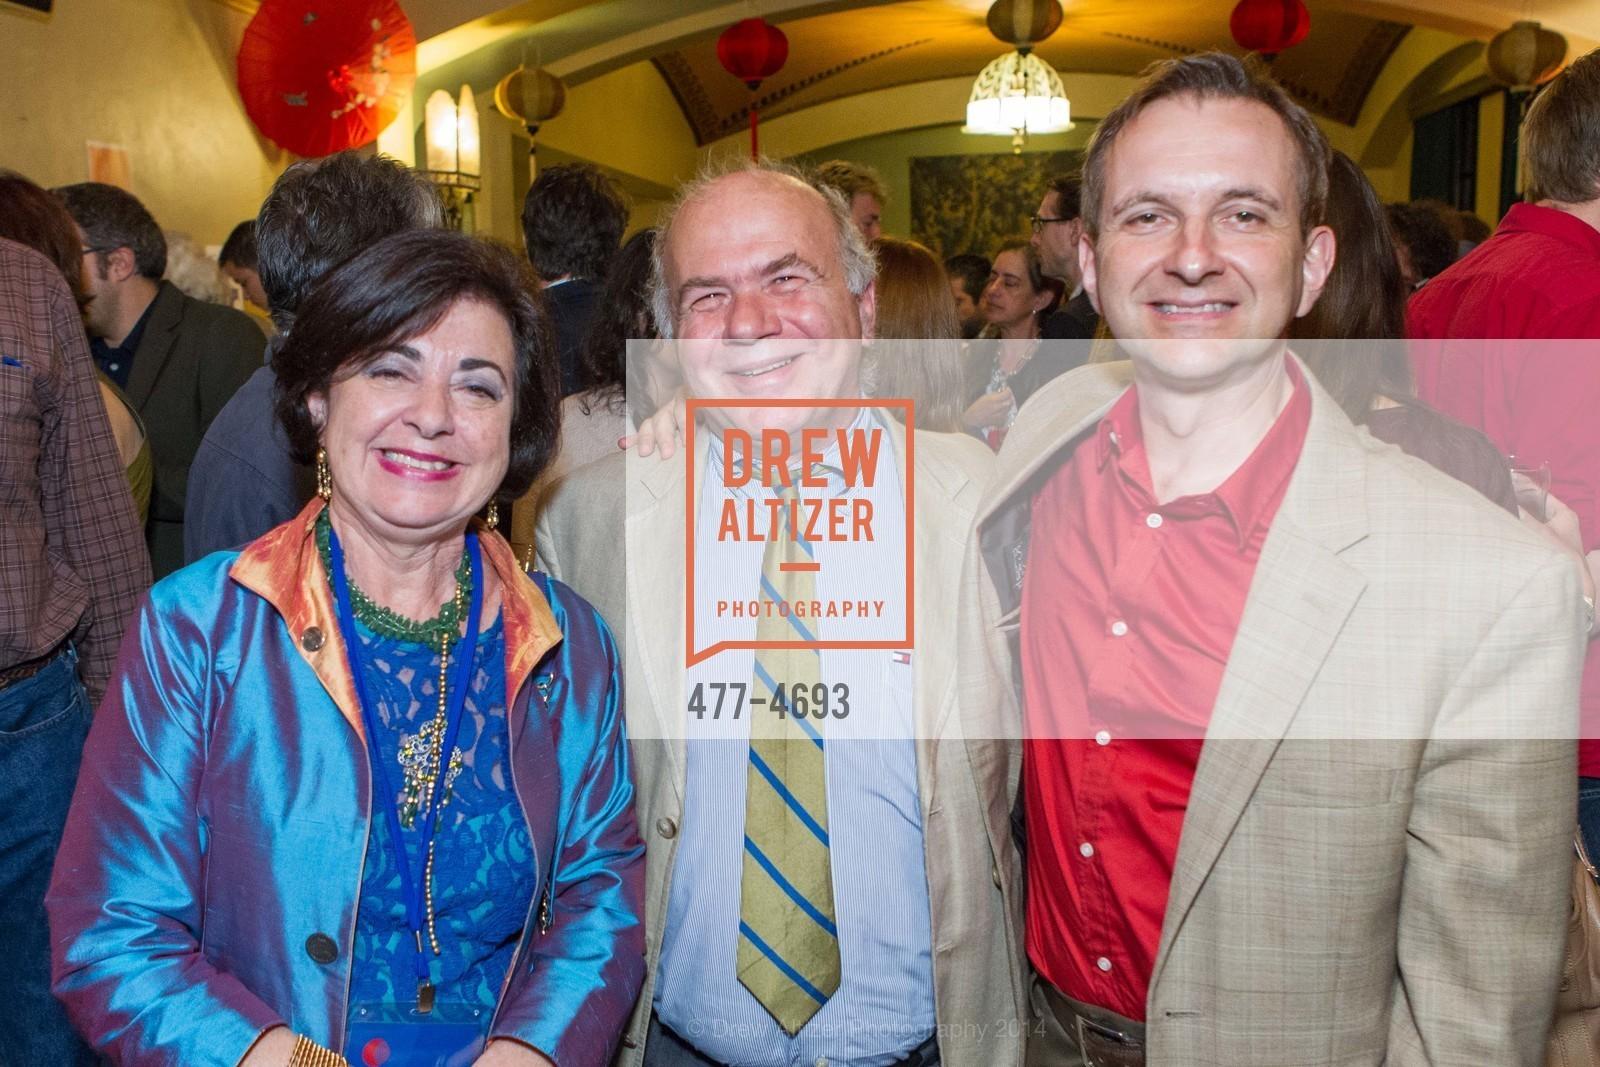 Amelia Antonucci, Paolo Pontoniere, Mauro Battocchi, Photo #477-4693